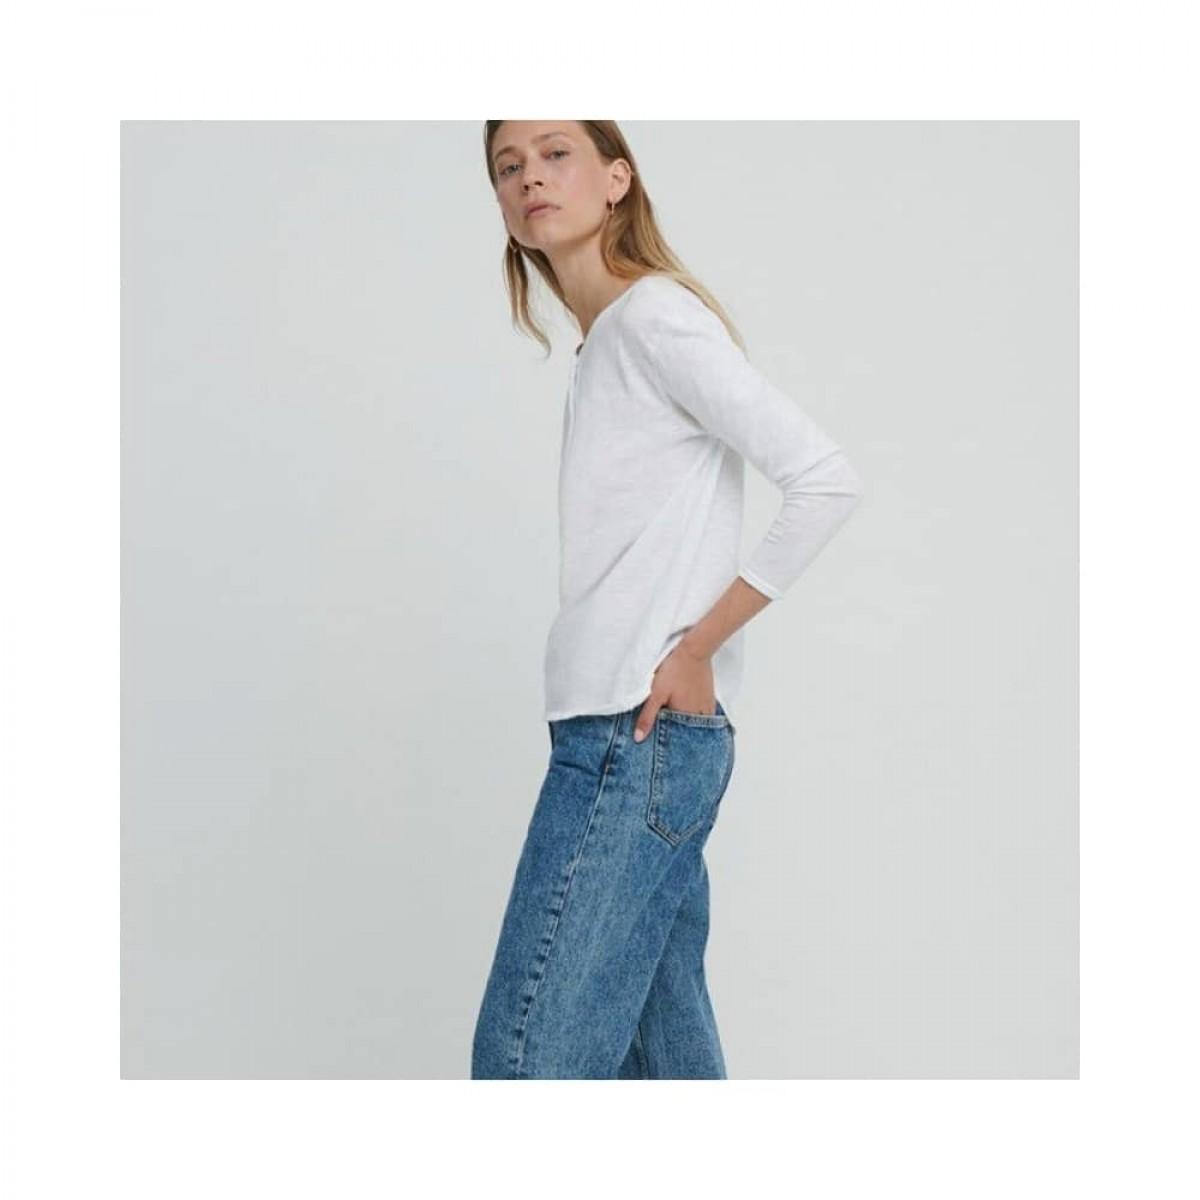 sonoma bluse - white - model fra siden